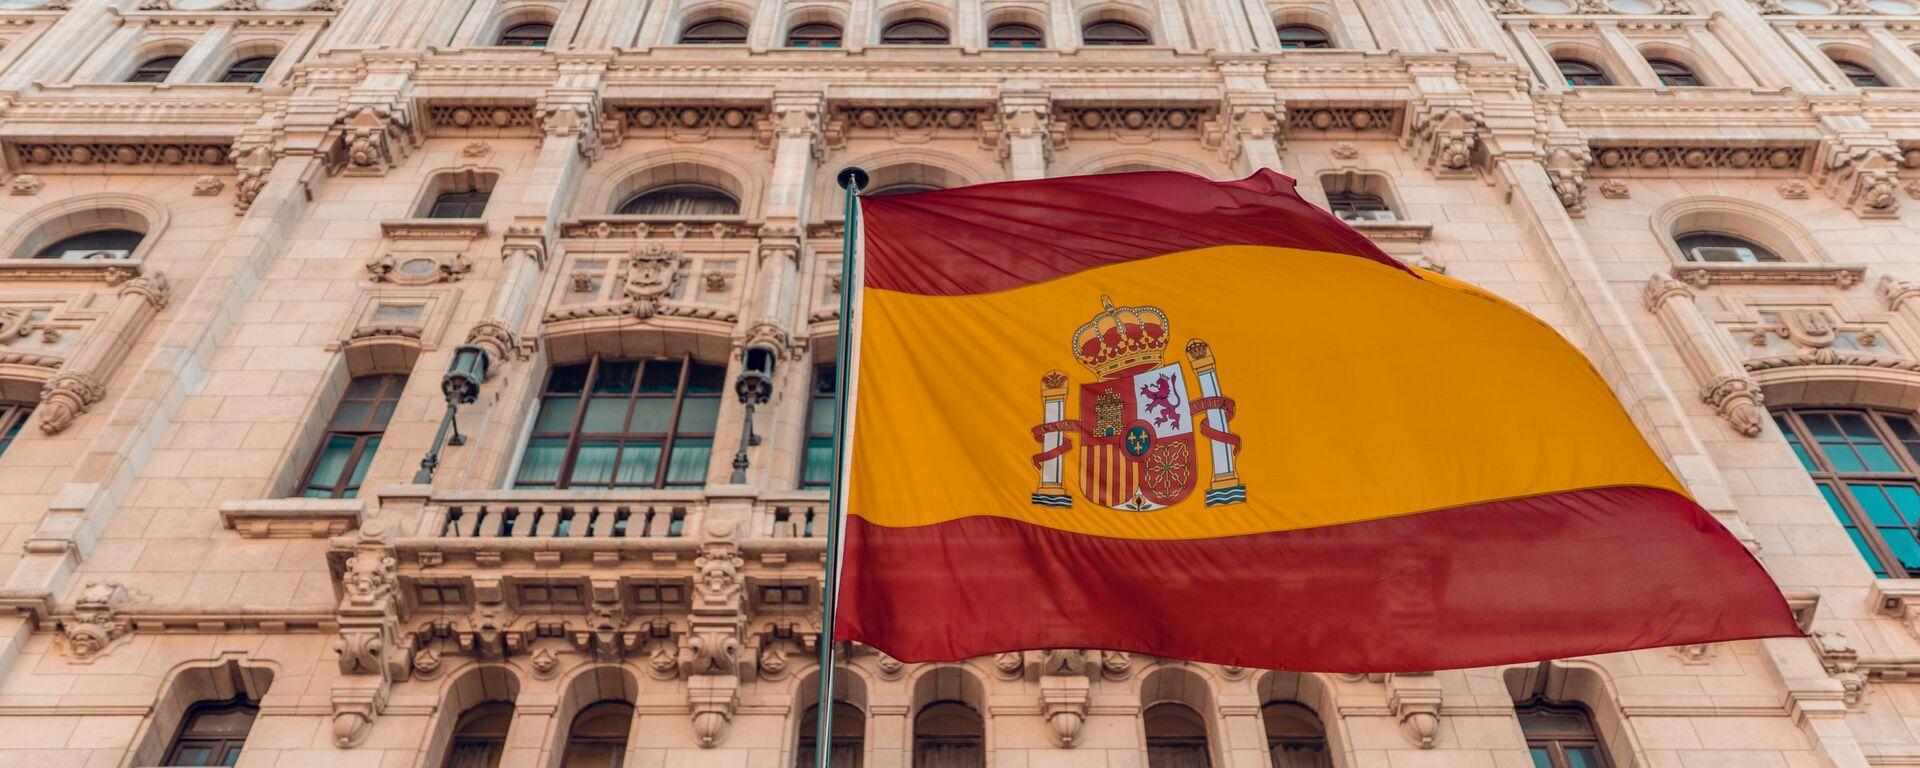 La bandera de España  - Sputnik Mundo, 1920, 26.01.2021